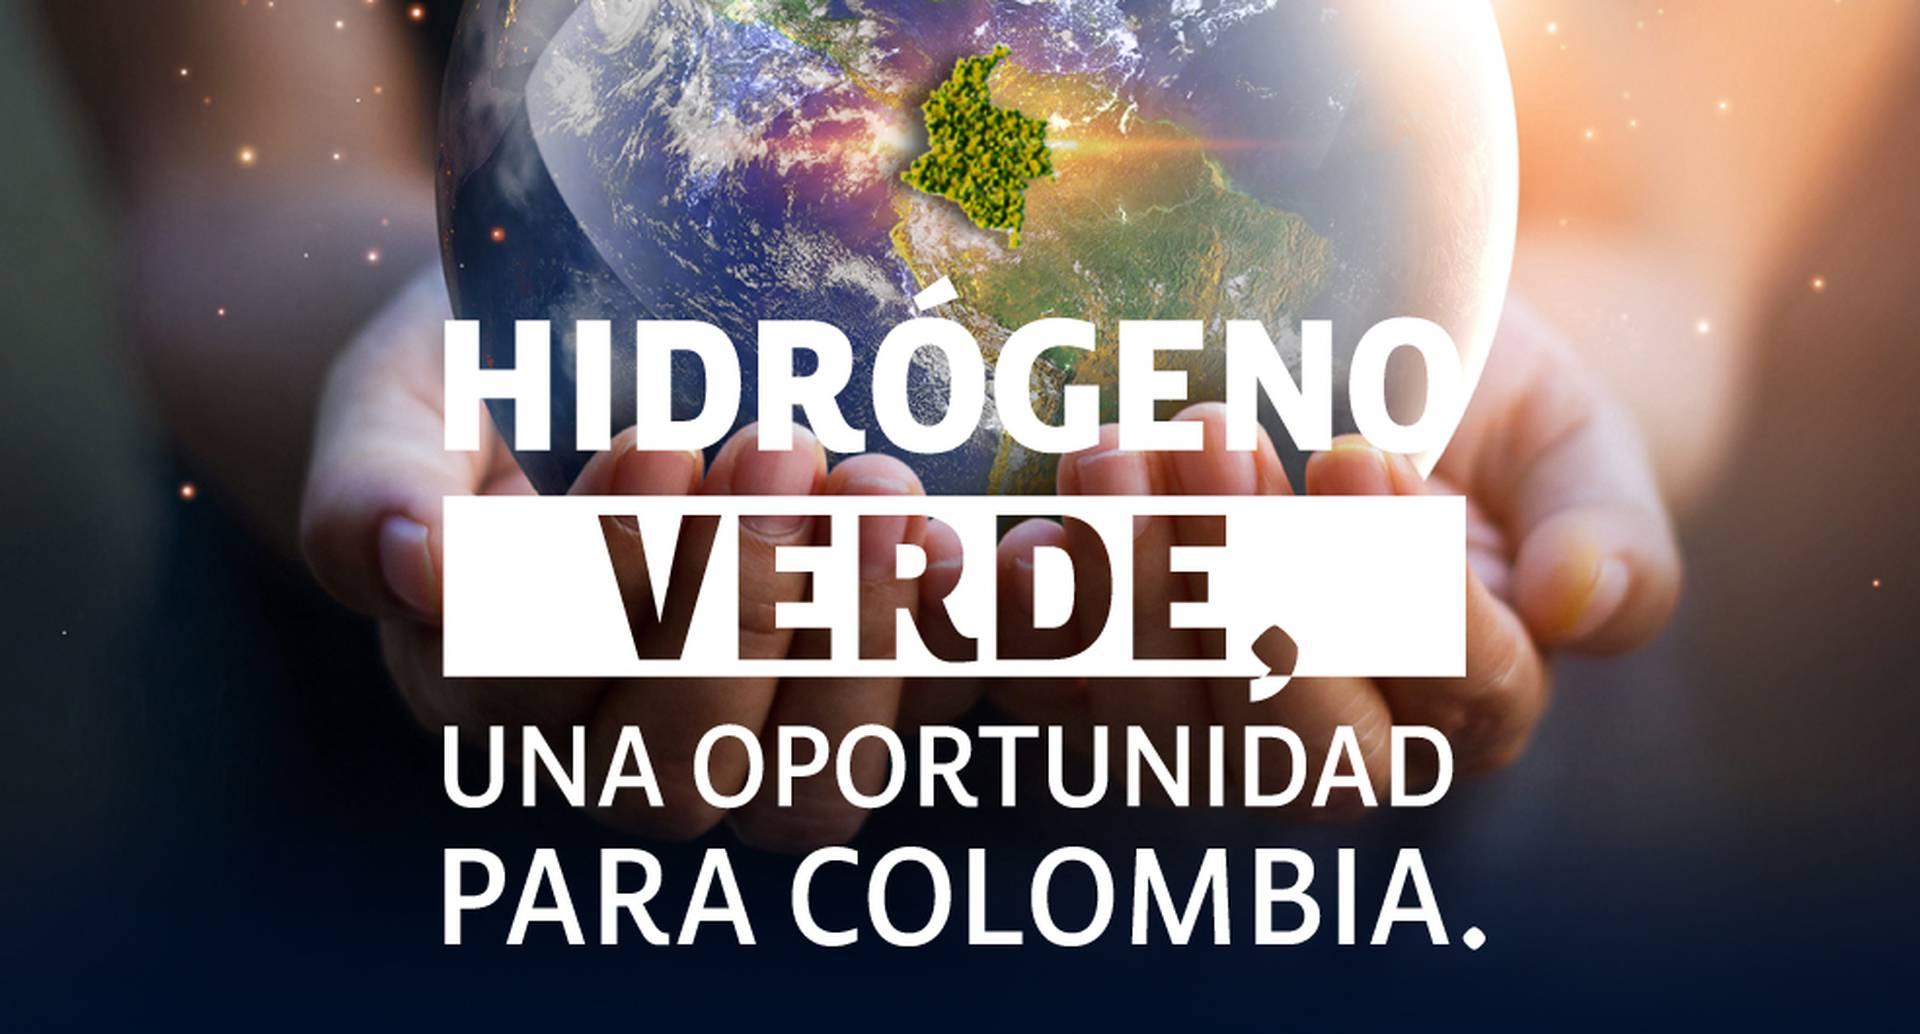 Colombia tiene potencial para producir hidrógeno verde